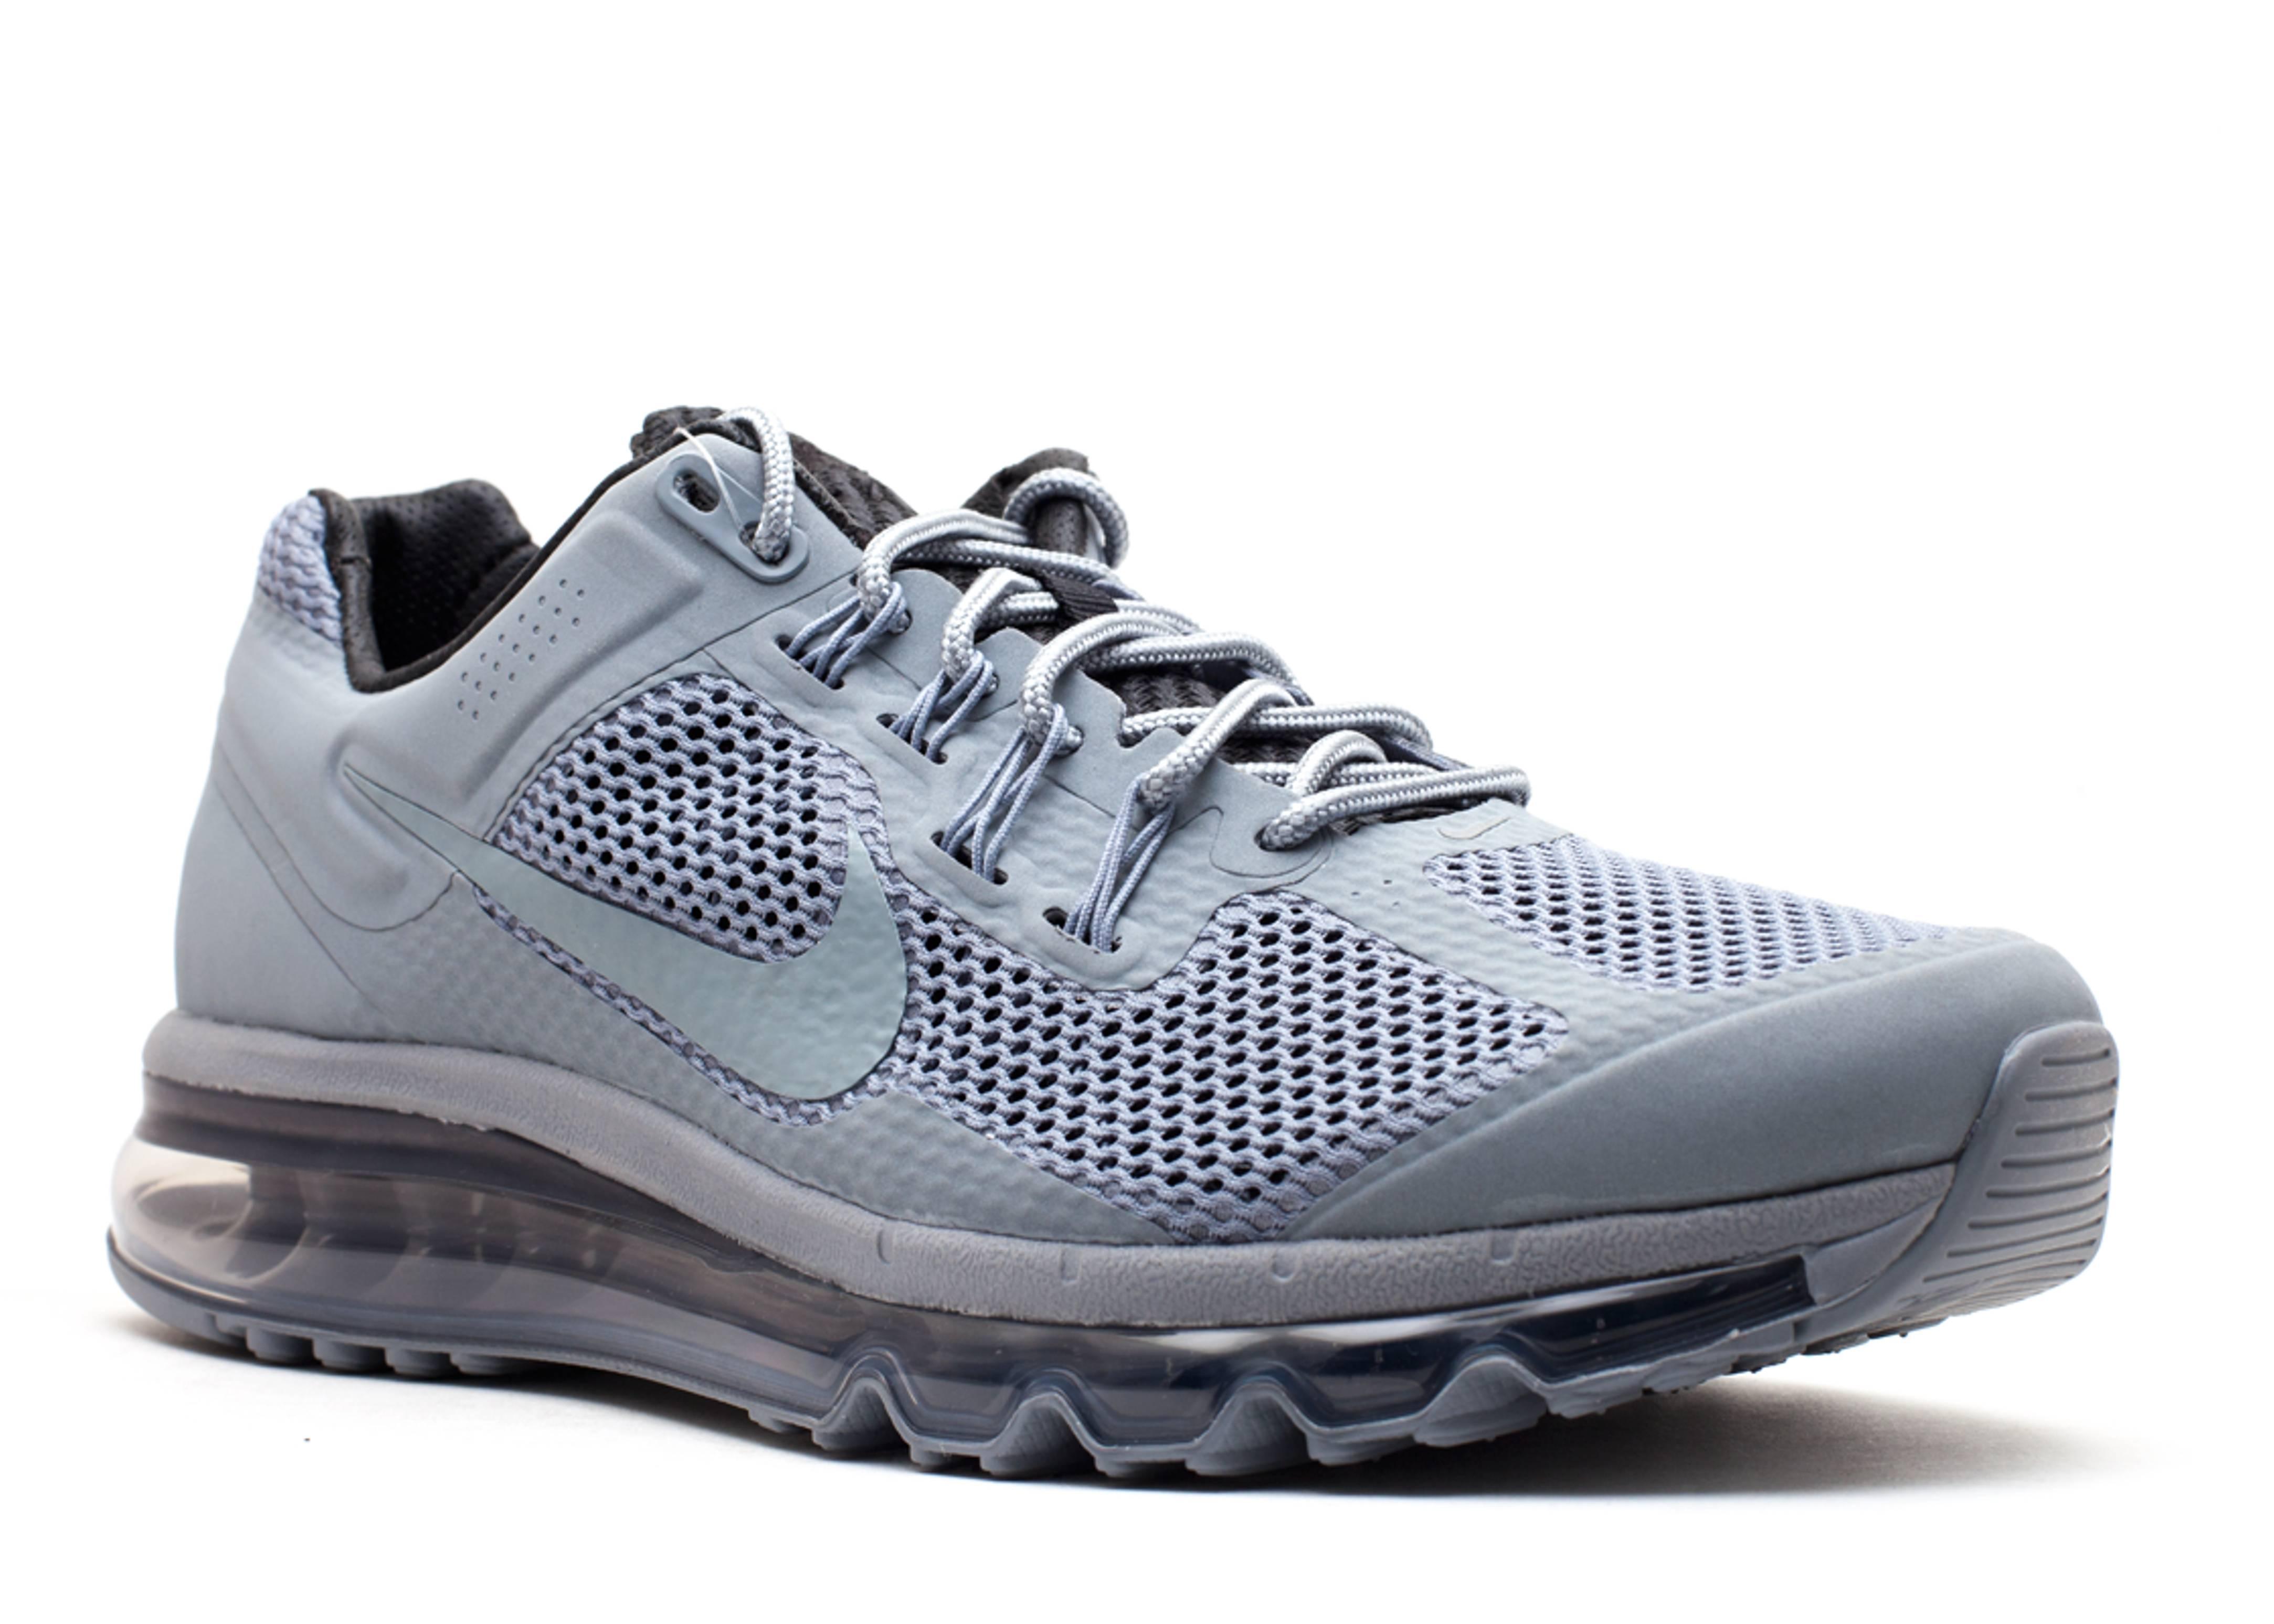 Nike Usatf Shoes